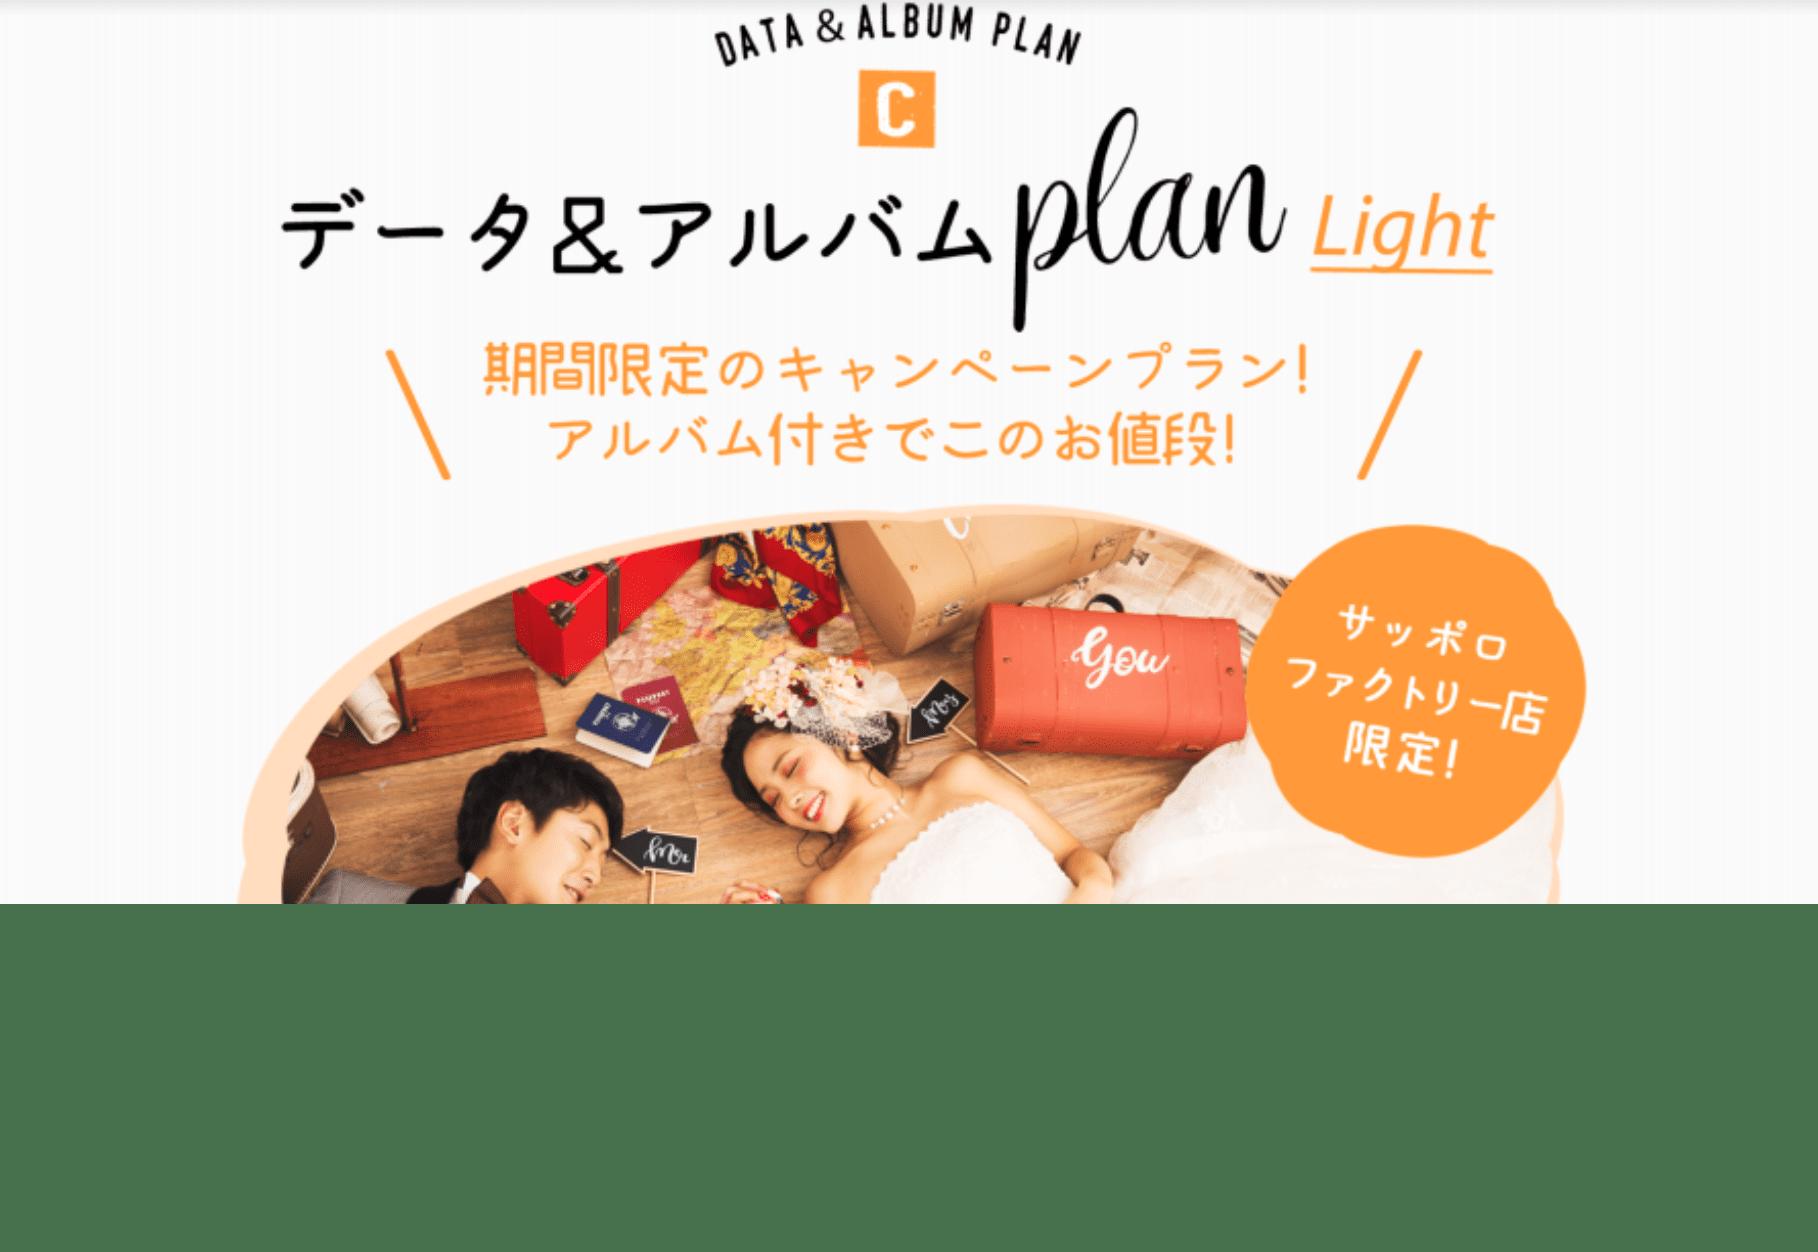 スクリーンショット 2018-03-13 11.42.25